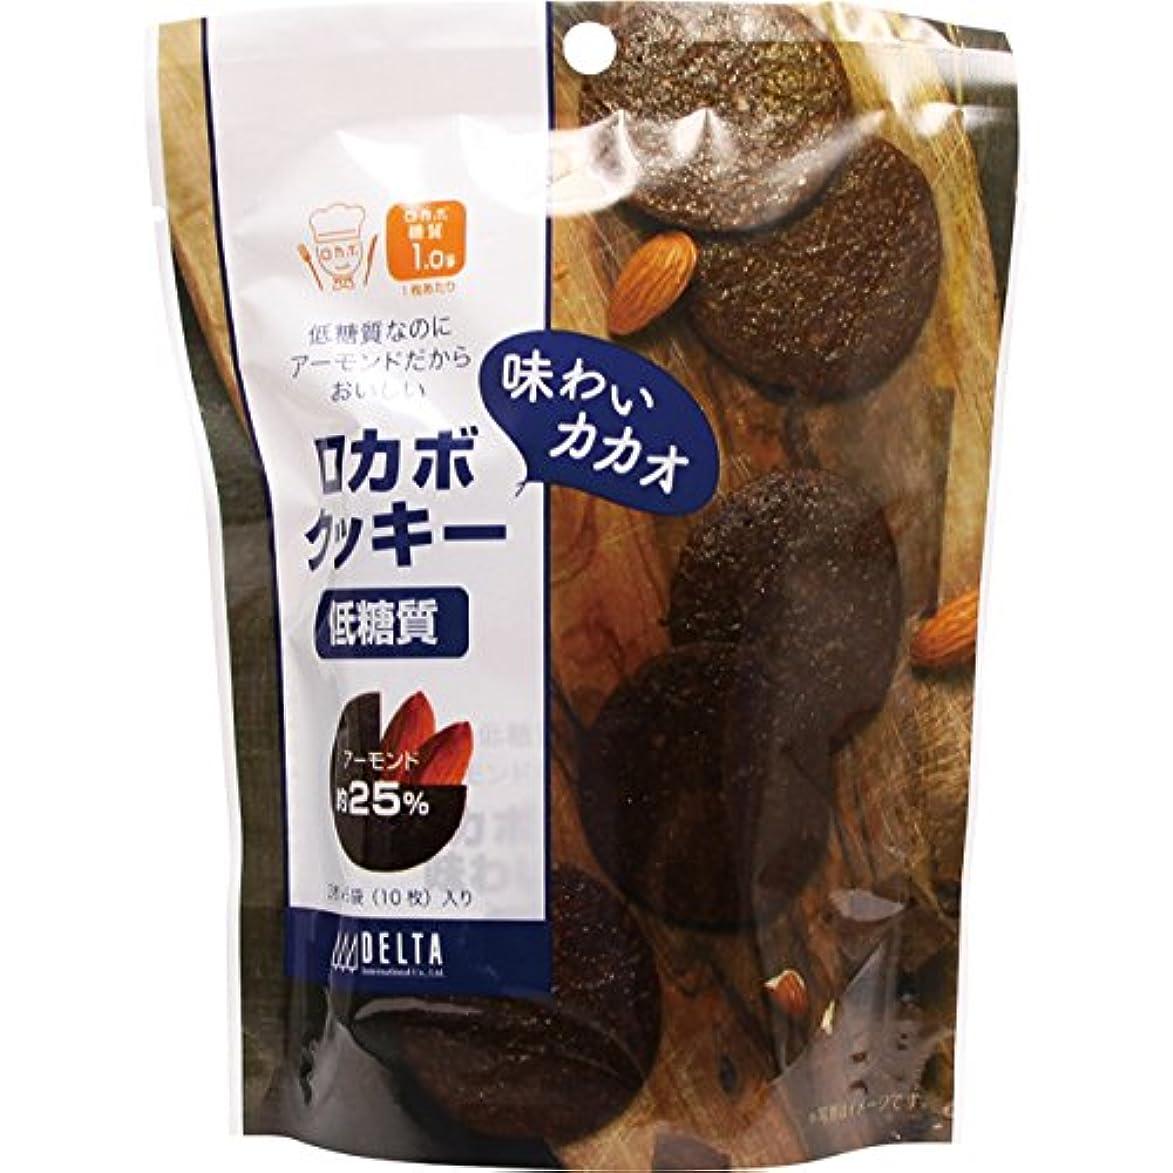 報酬優先ベーシックデルタ 低糖質 ロカボクッキー 味わいカカオ 10枚【5個セット】